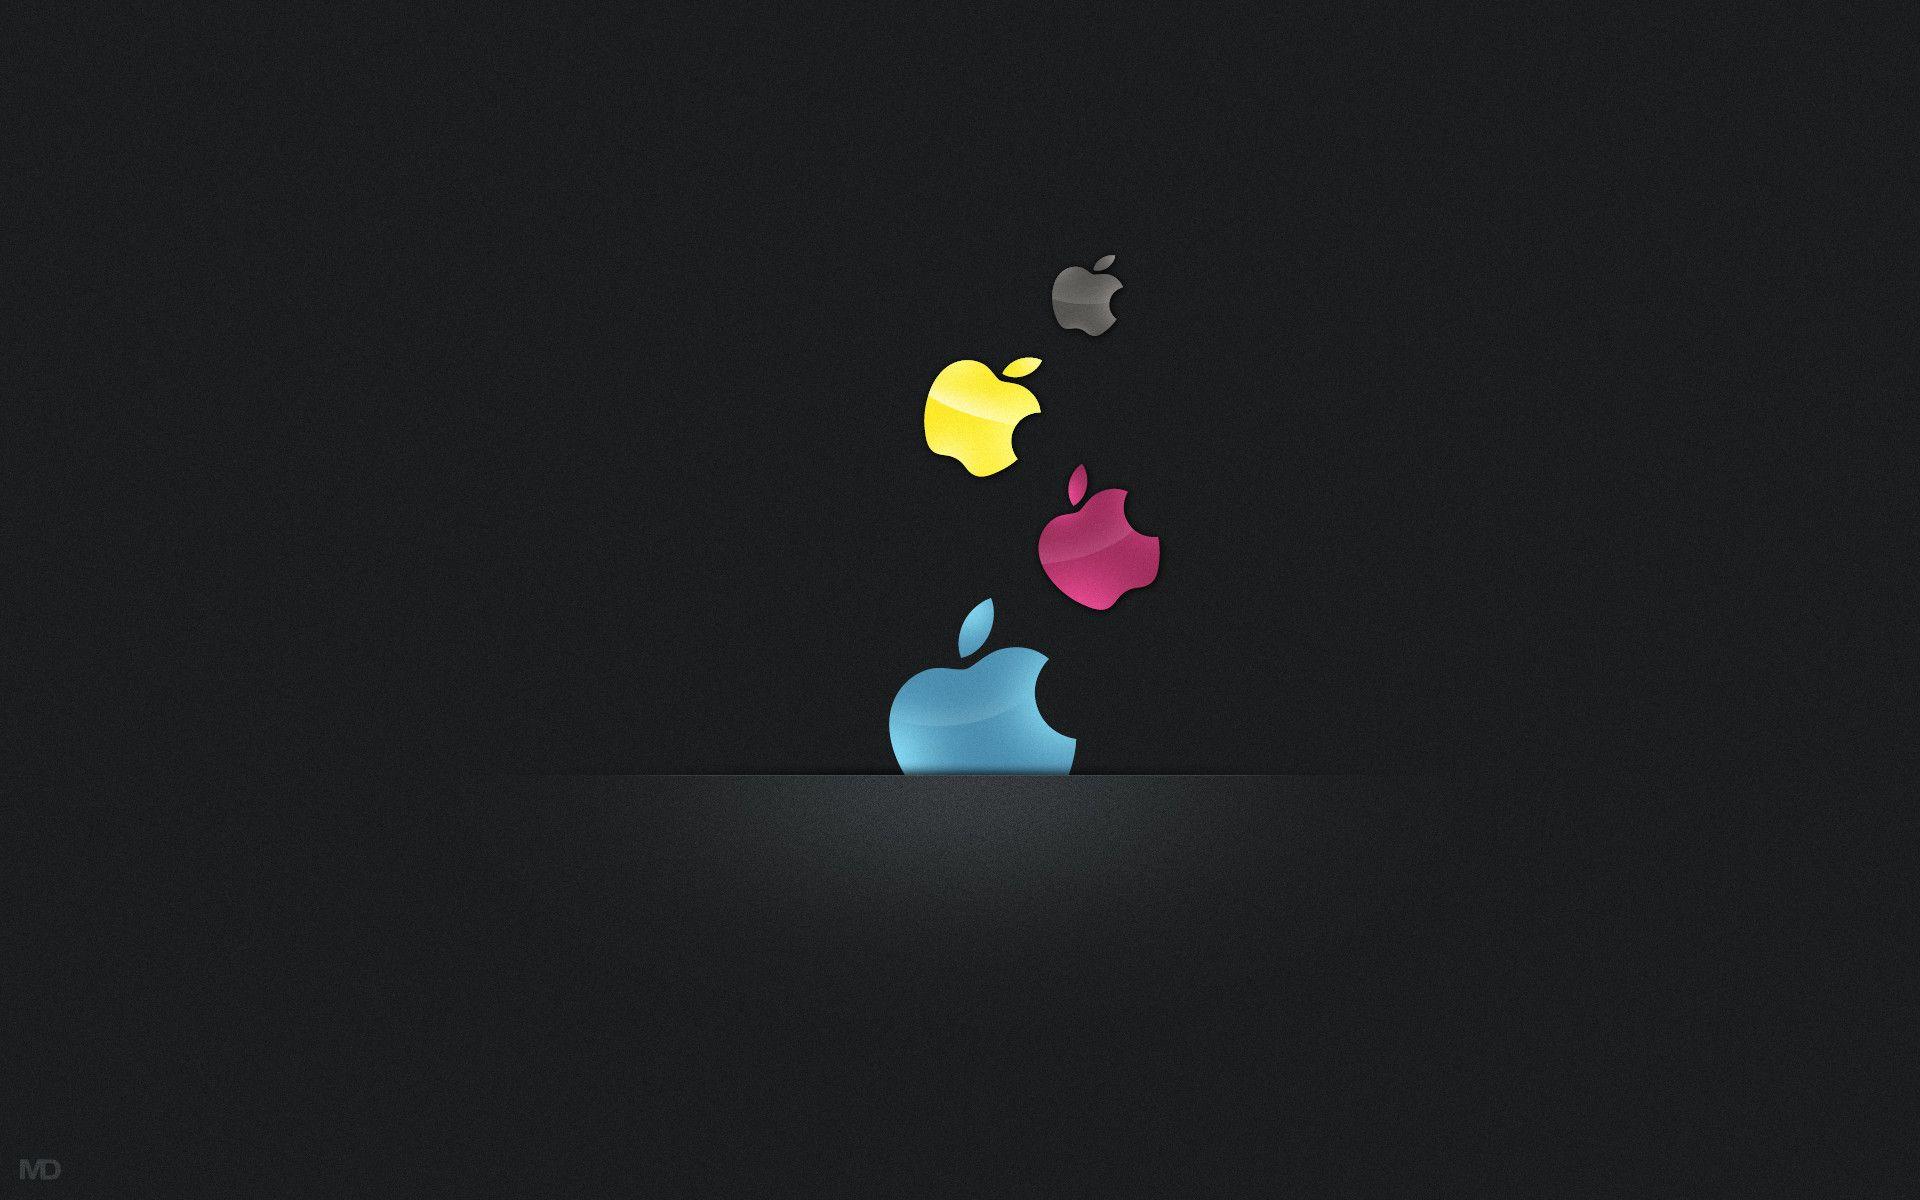 Apple Waterfall Light HD wallpapers http//www